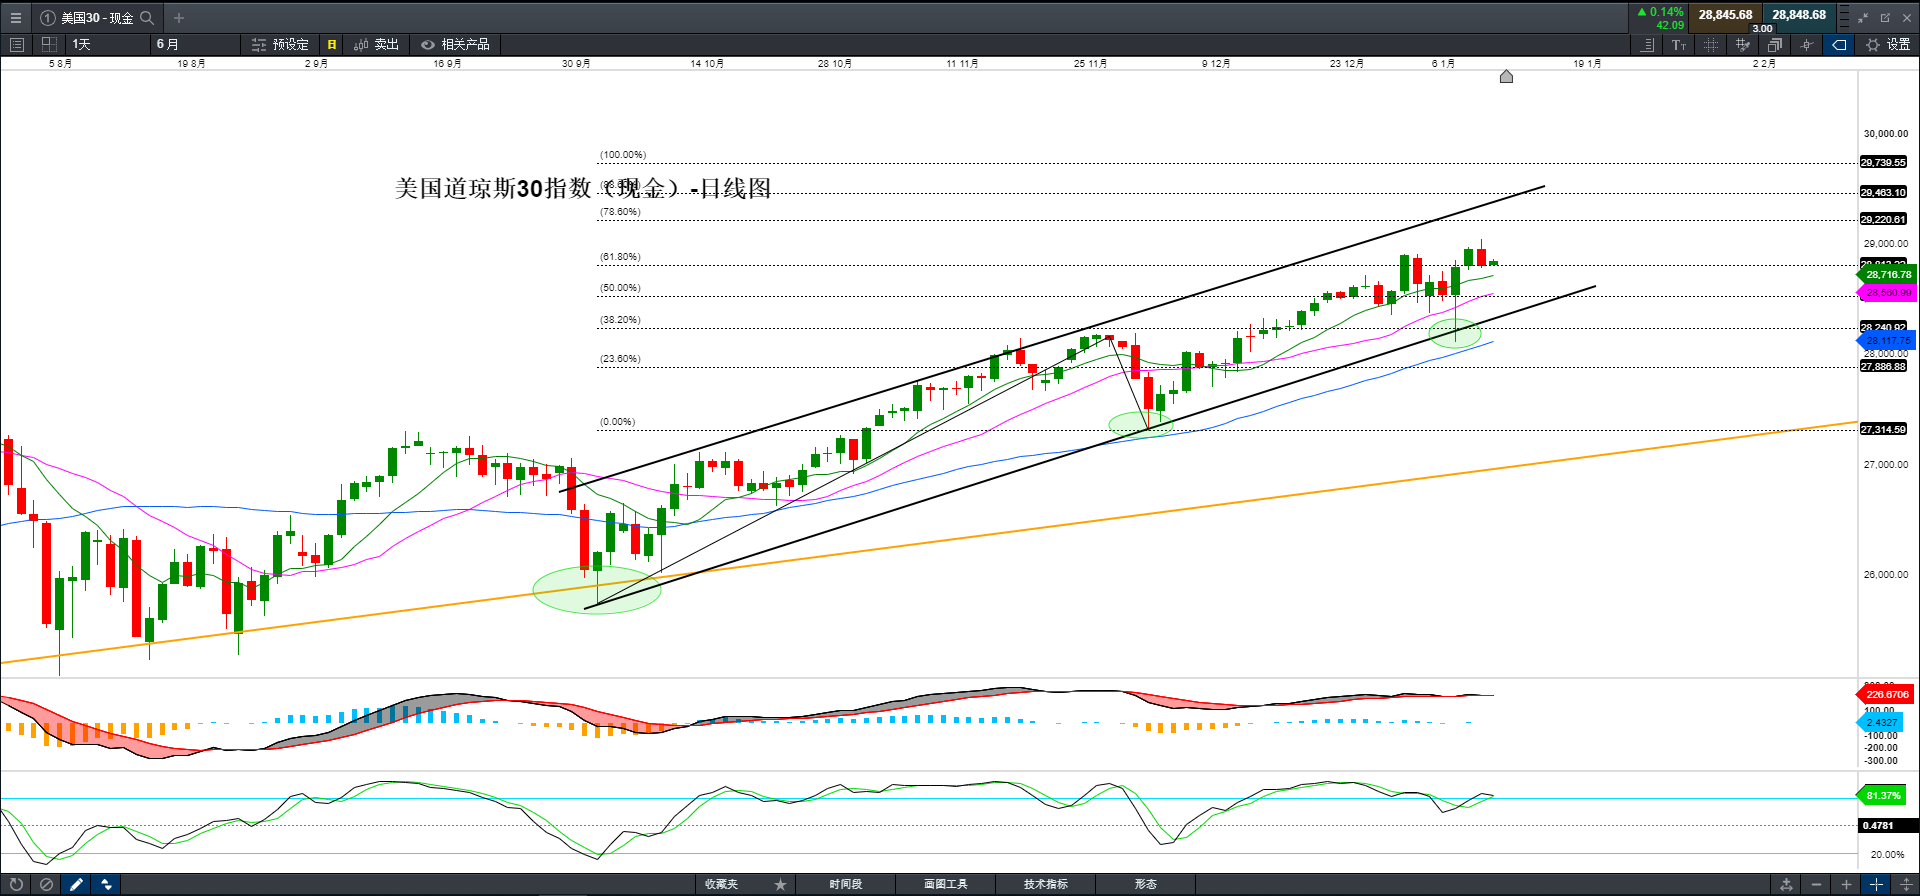 美国股市继续走强趋势 Cmc Markets